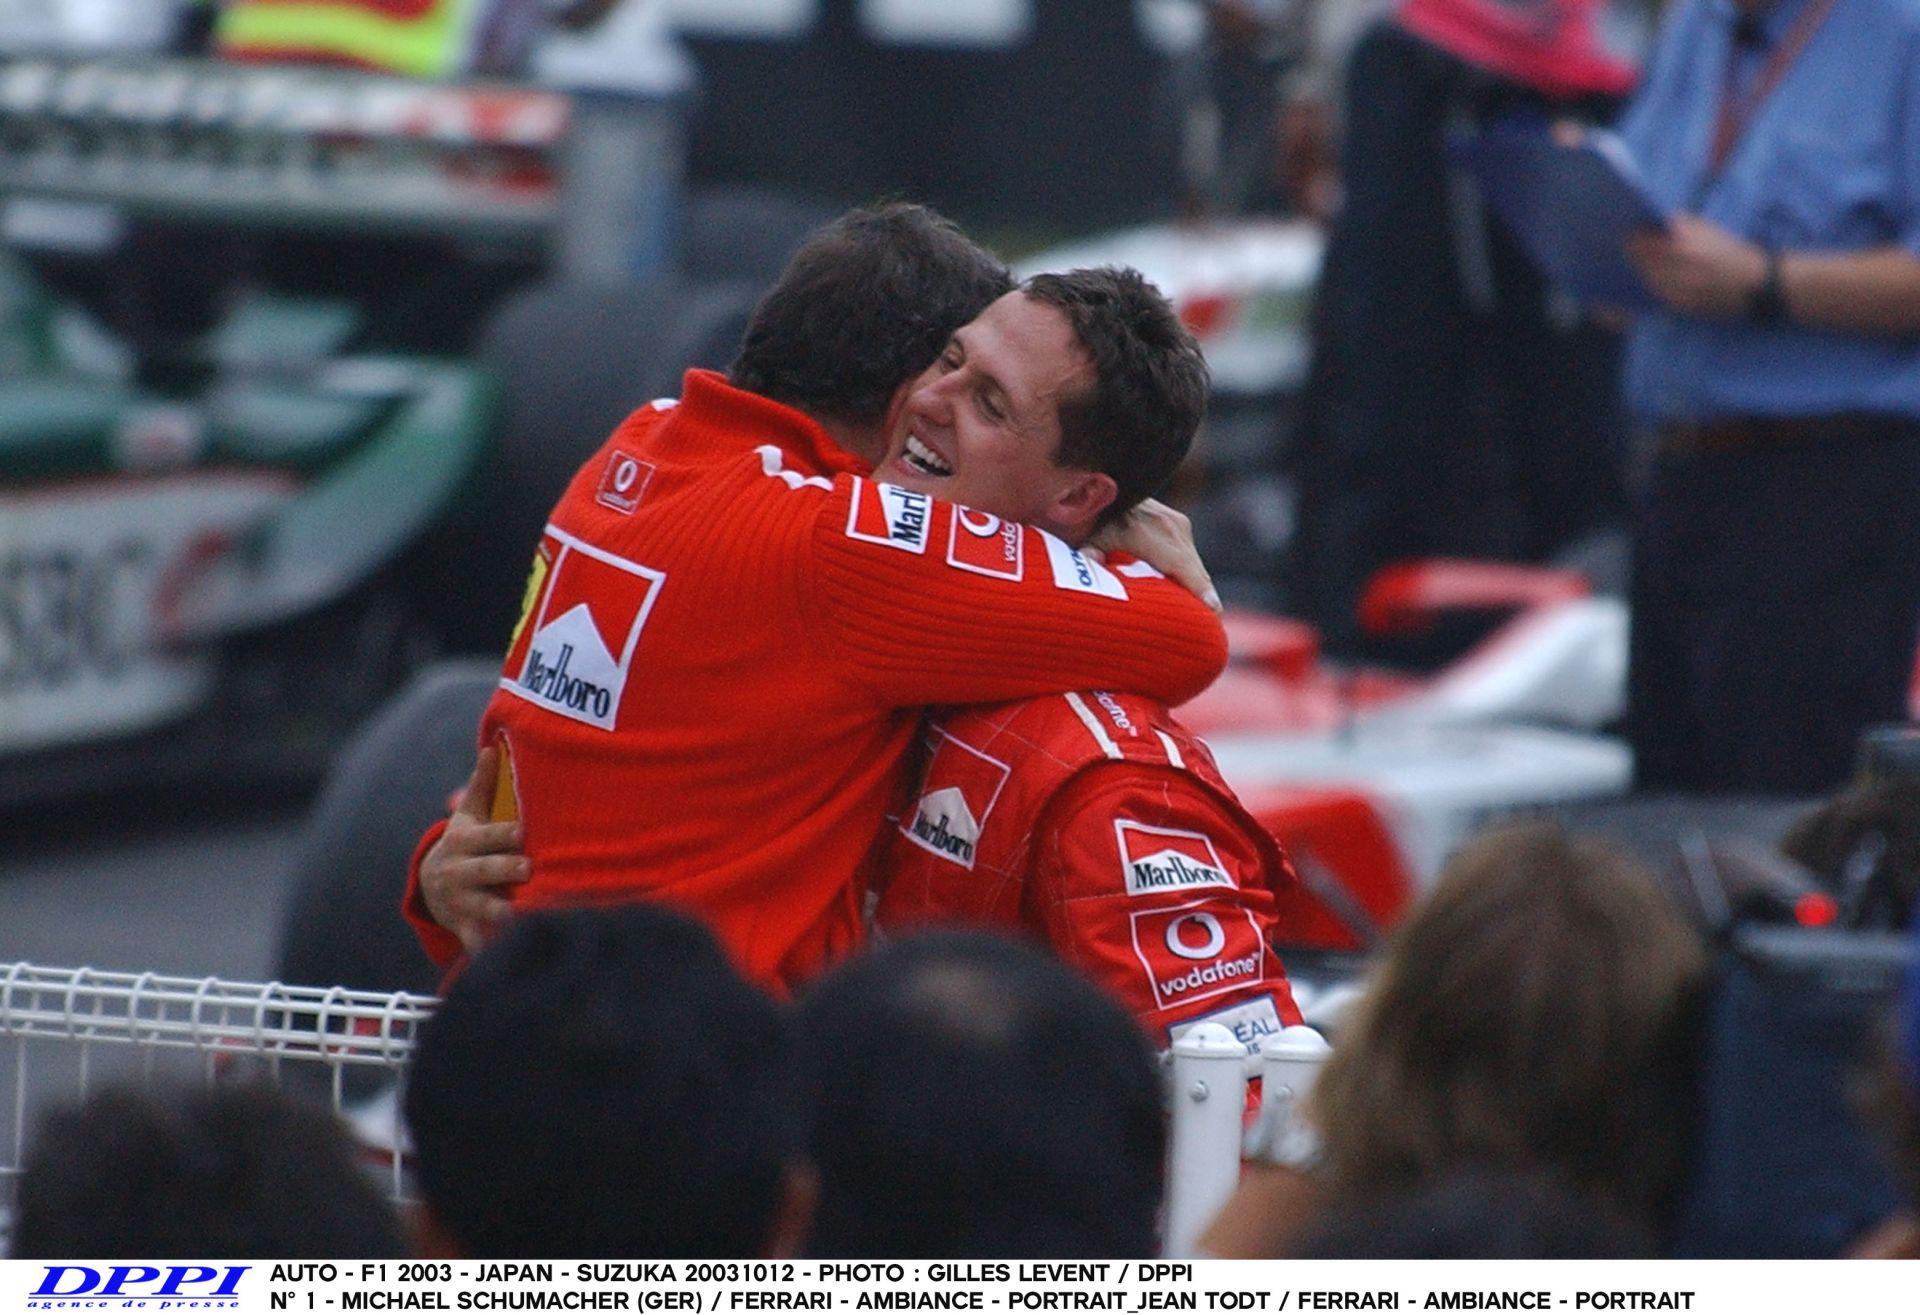 Schumacher 2003-ban ezen a napon írt történelmet a Ferrarival: hatszoros bajnok lett a német!